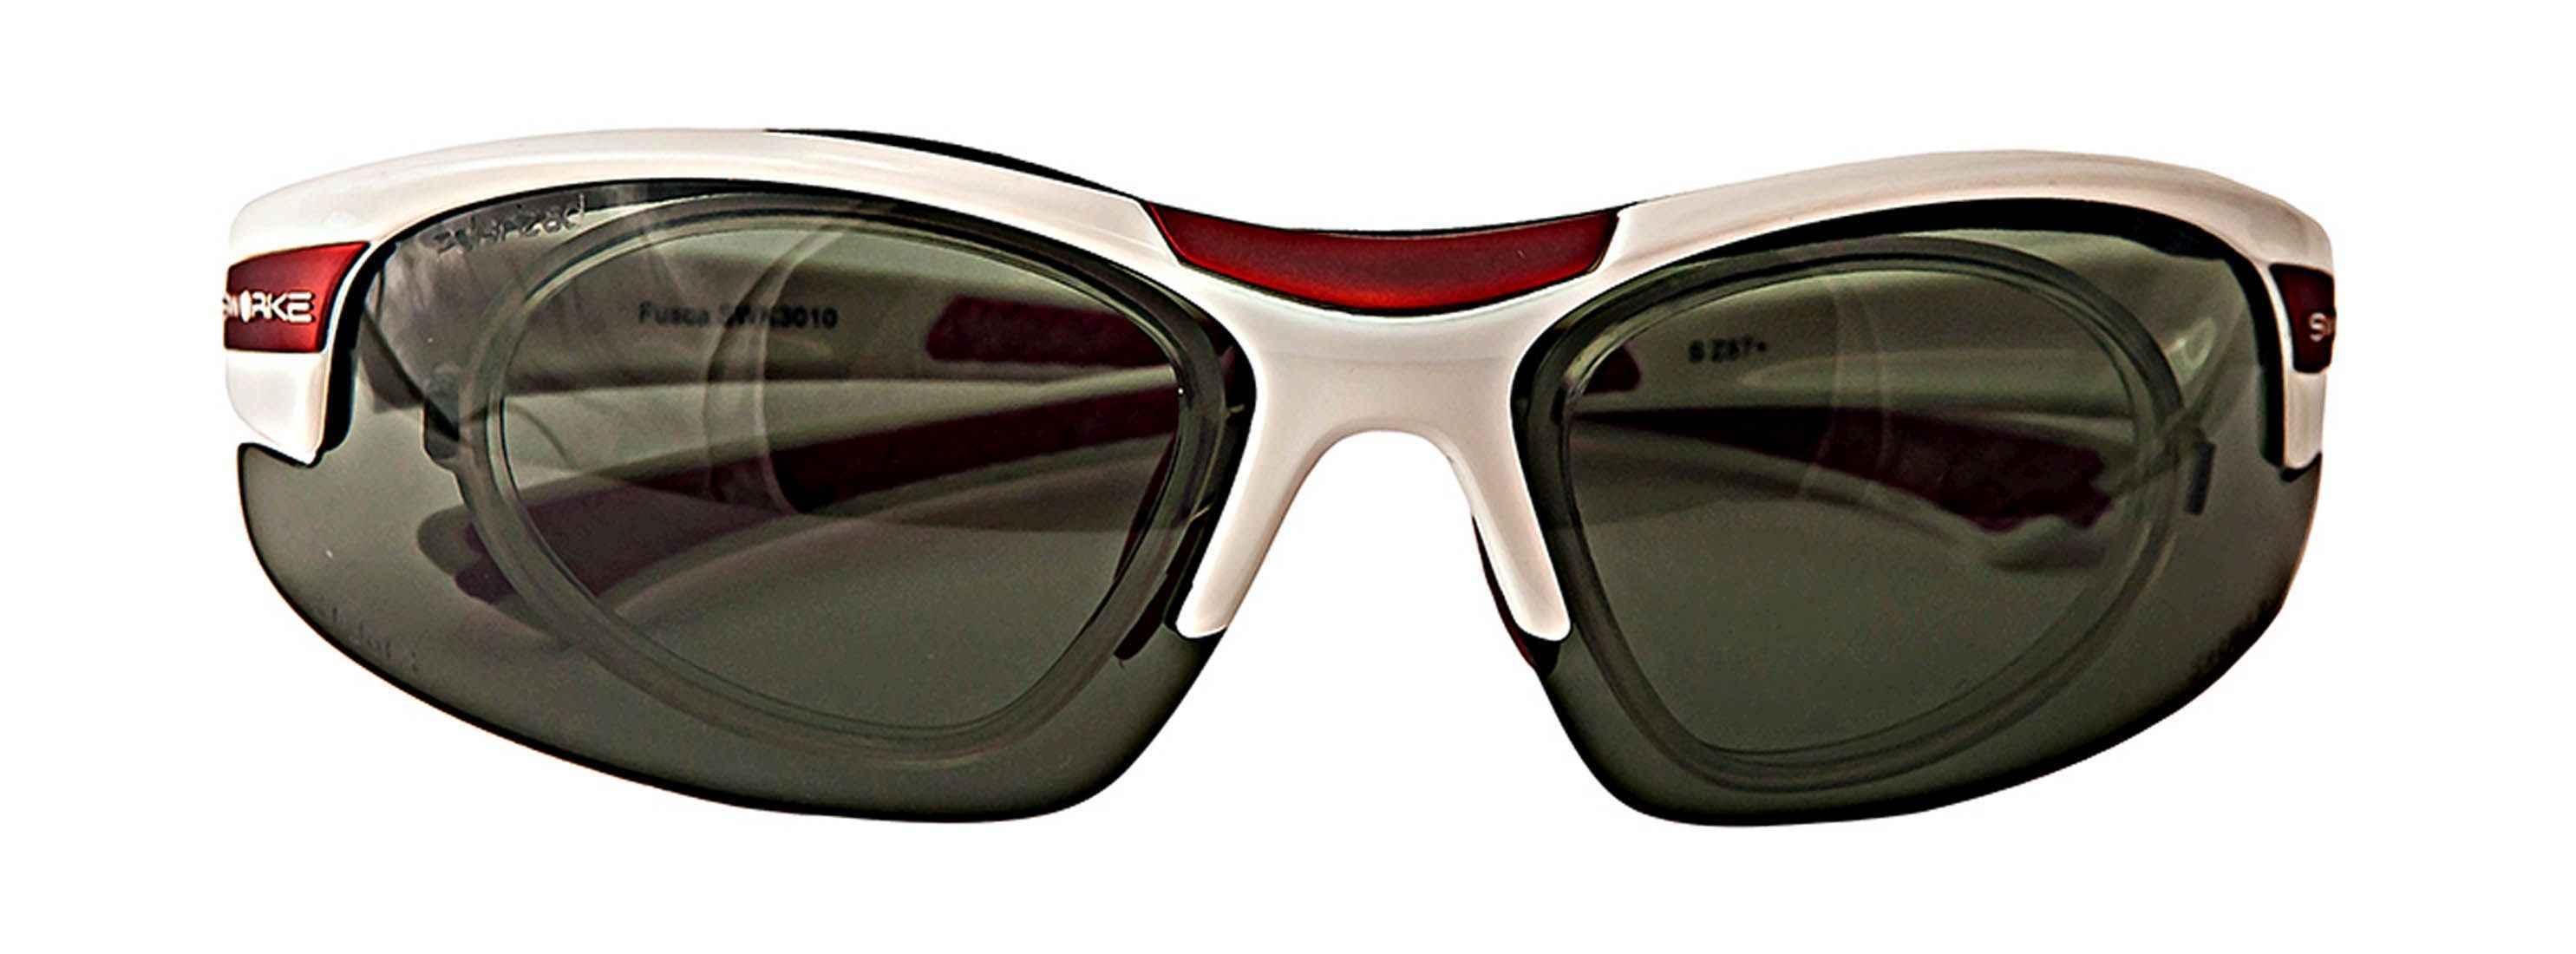 Sworke sunglasses 4363s 1 269 2970x1100 1